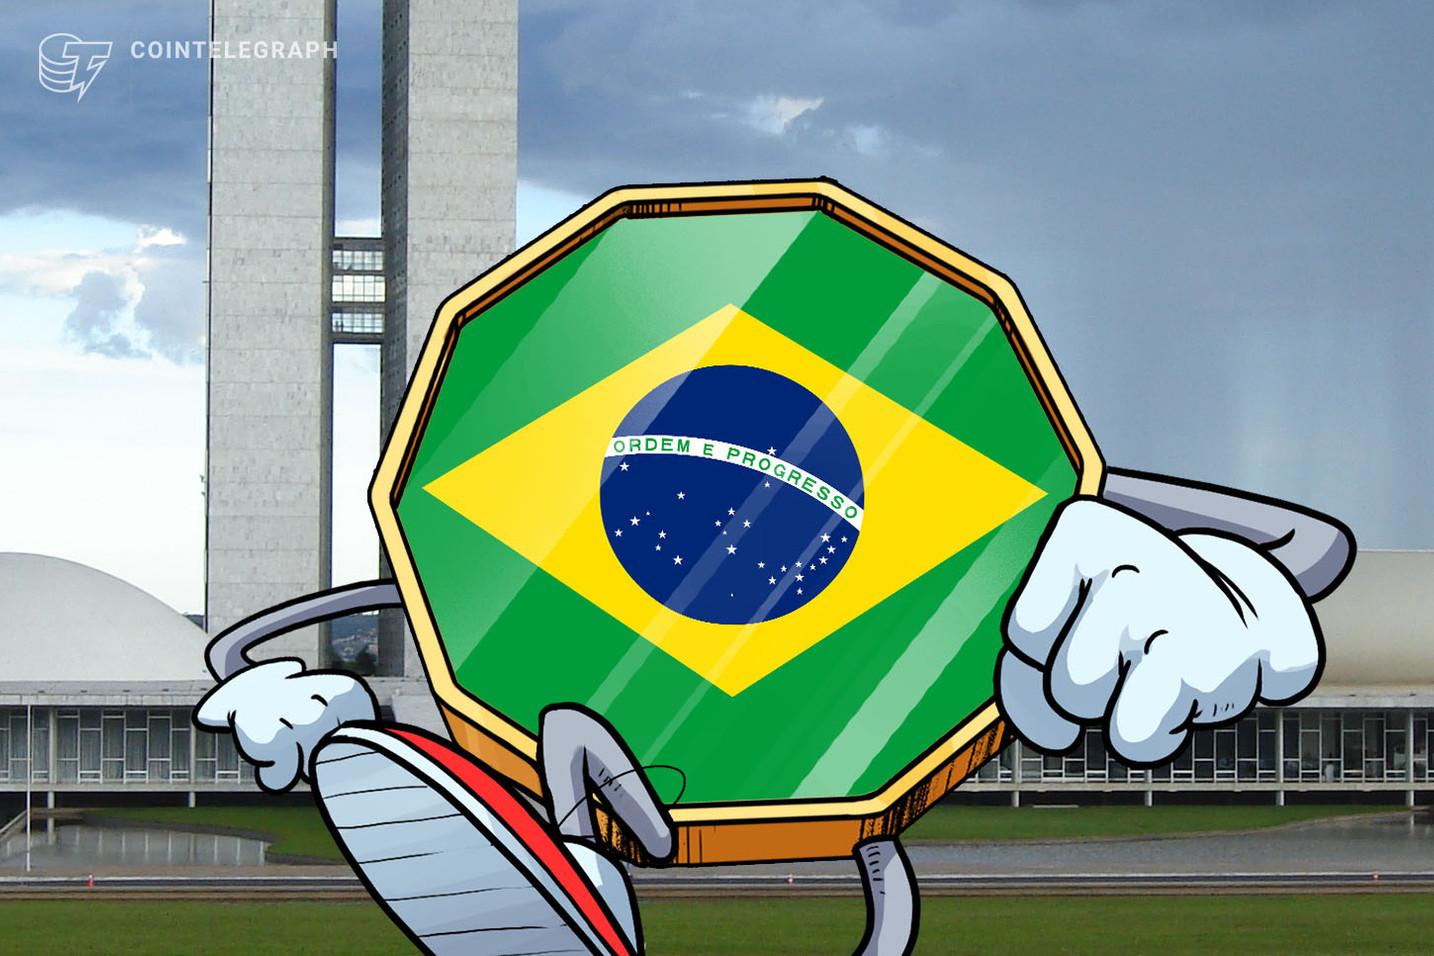 Deputados querem limitar o uso do dinheiro fisico no Brasil, especialistas apontam oportunidade para o Bitcoin